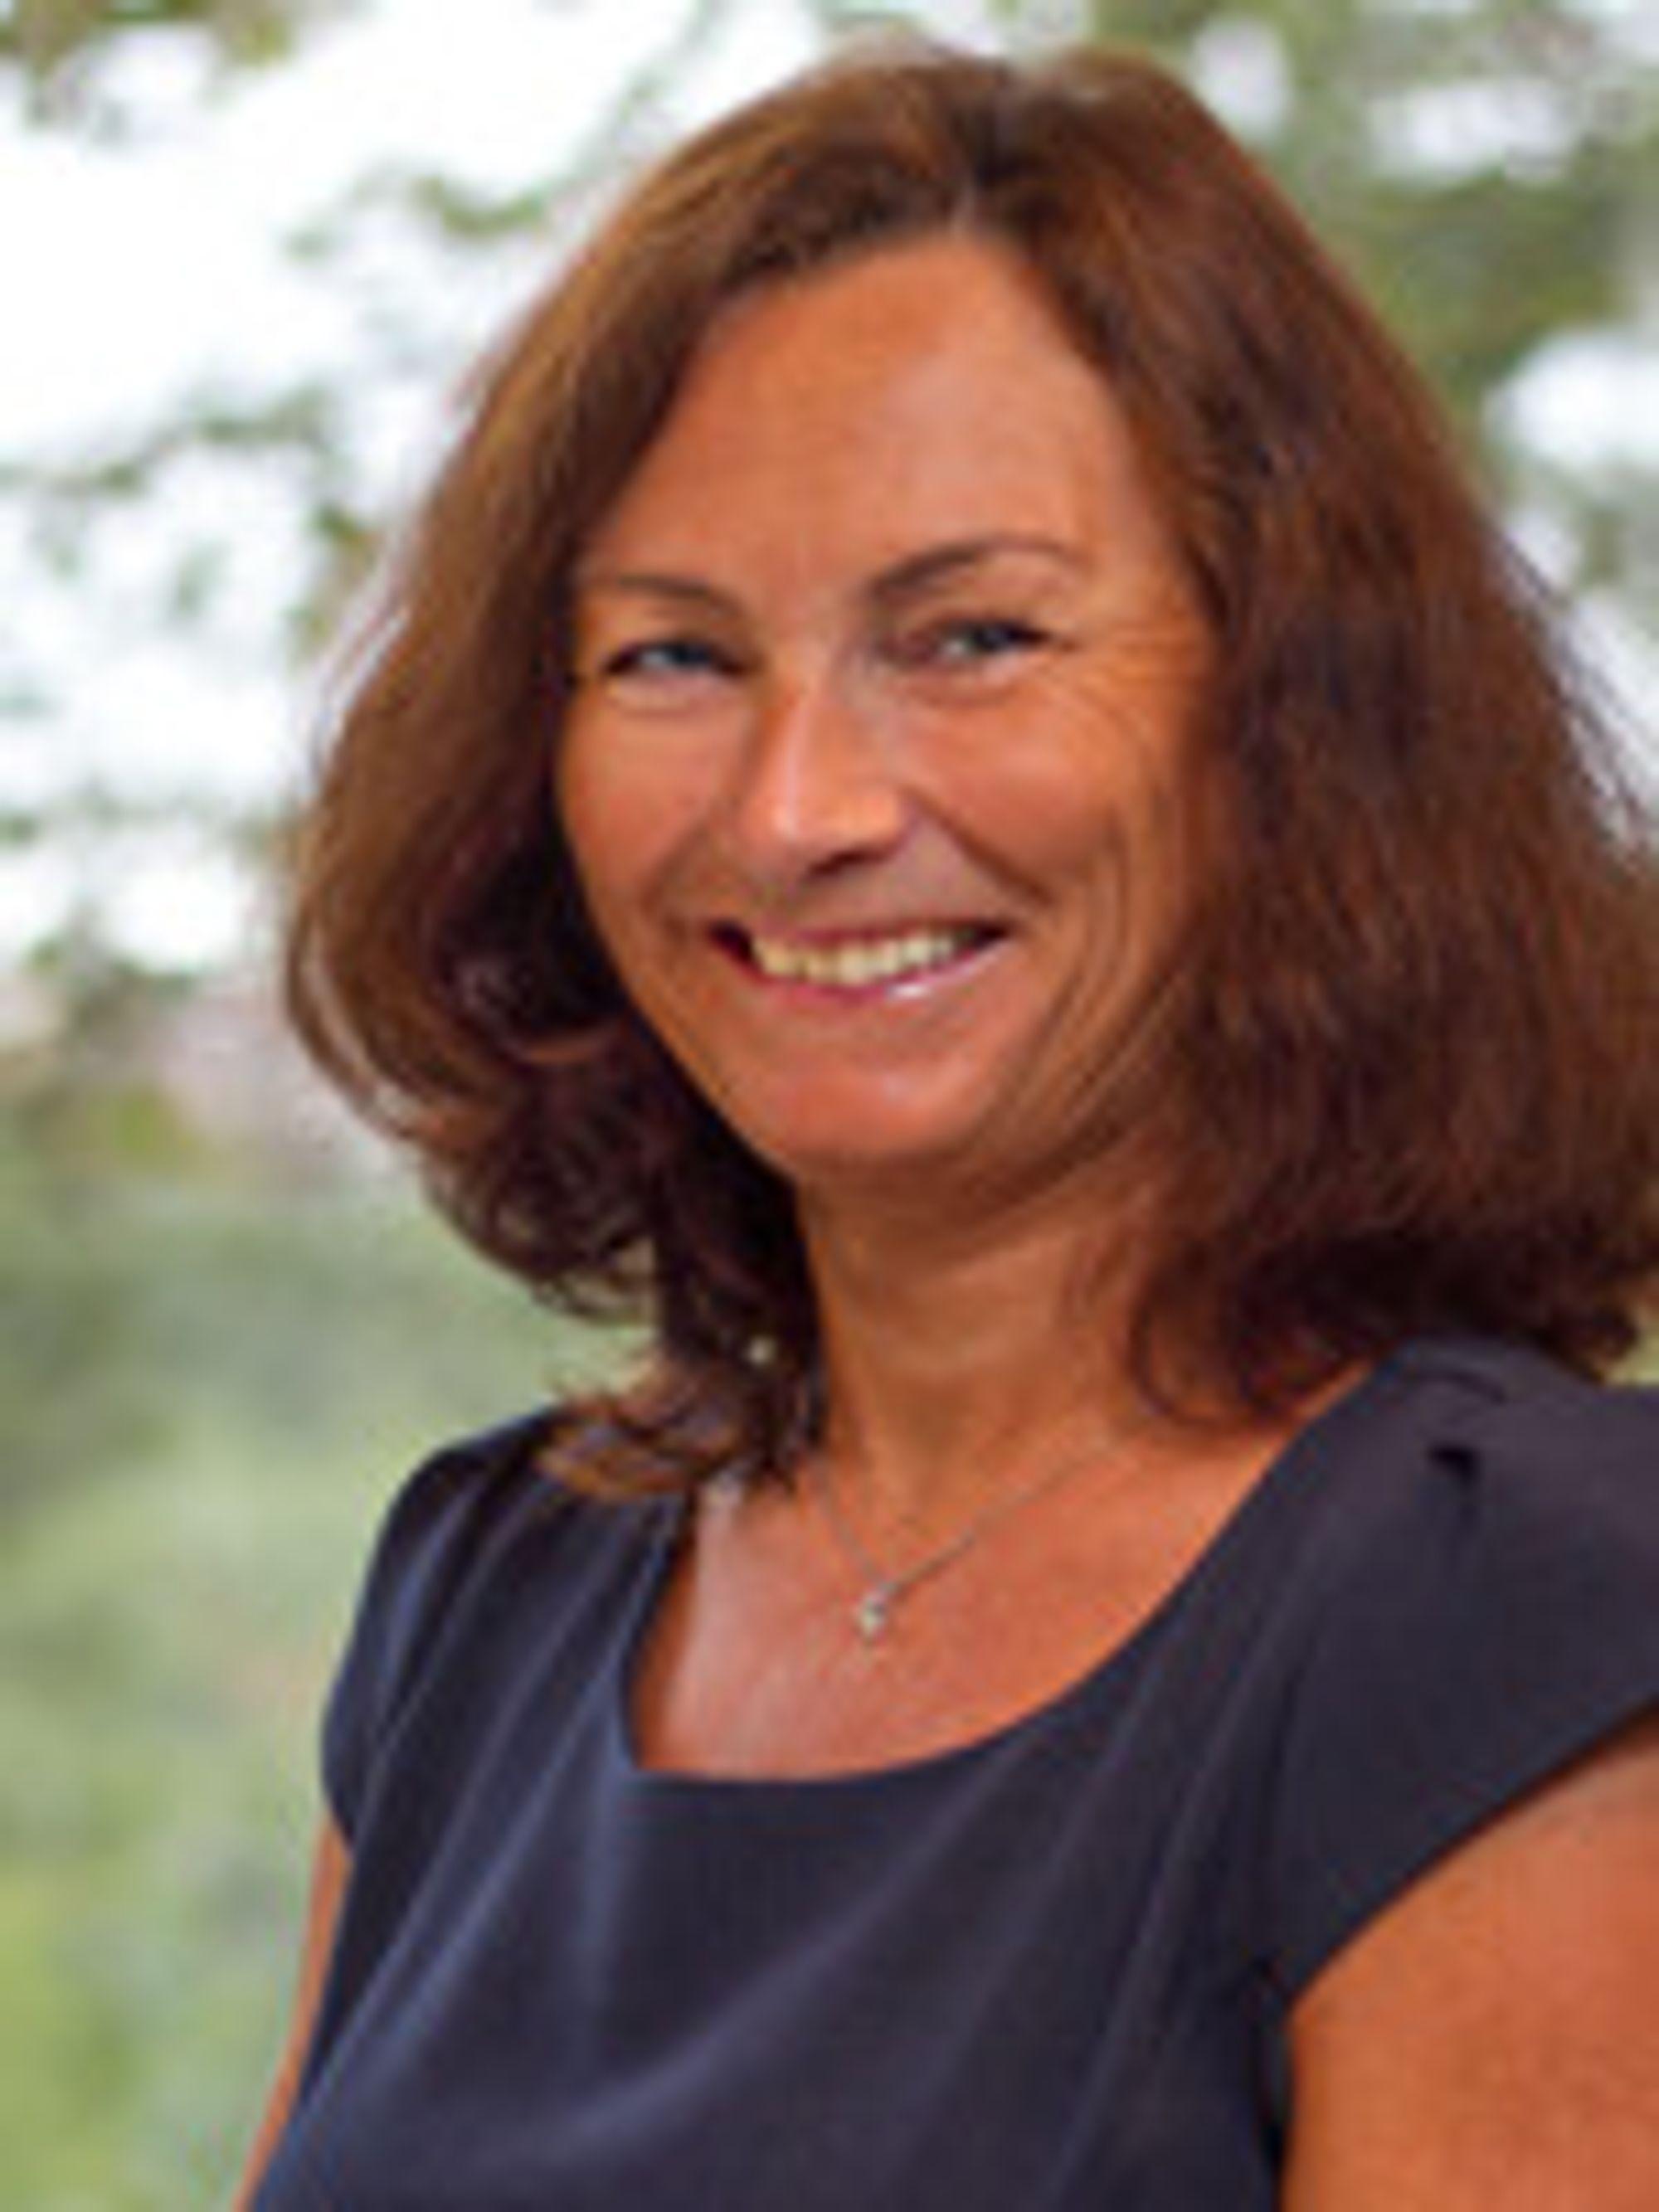 Administrerende direktør, Mariann Hornnes, i Sykehuspartner mener at partnerskap med HPE er en god løsning.